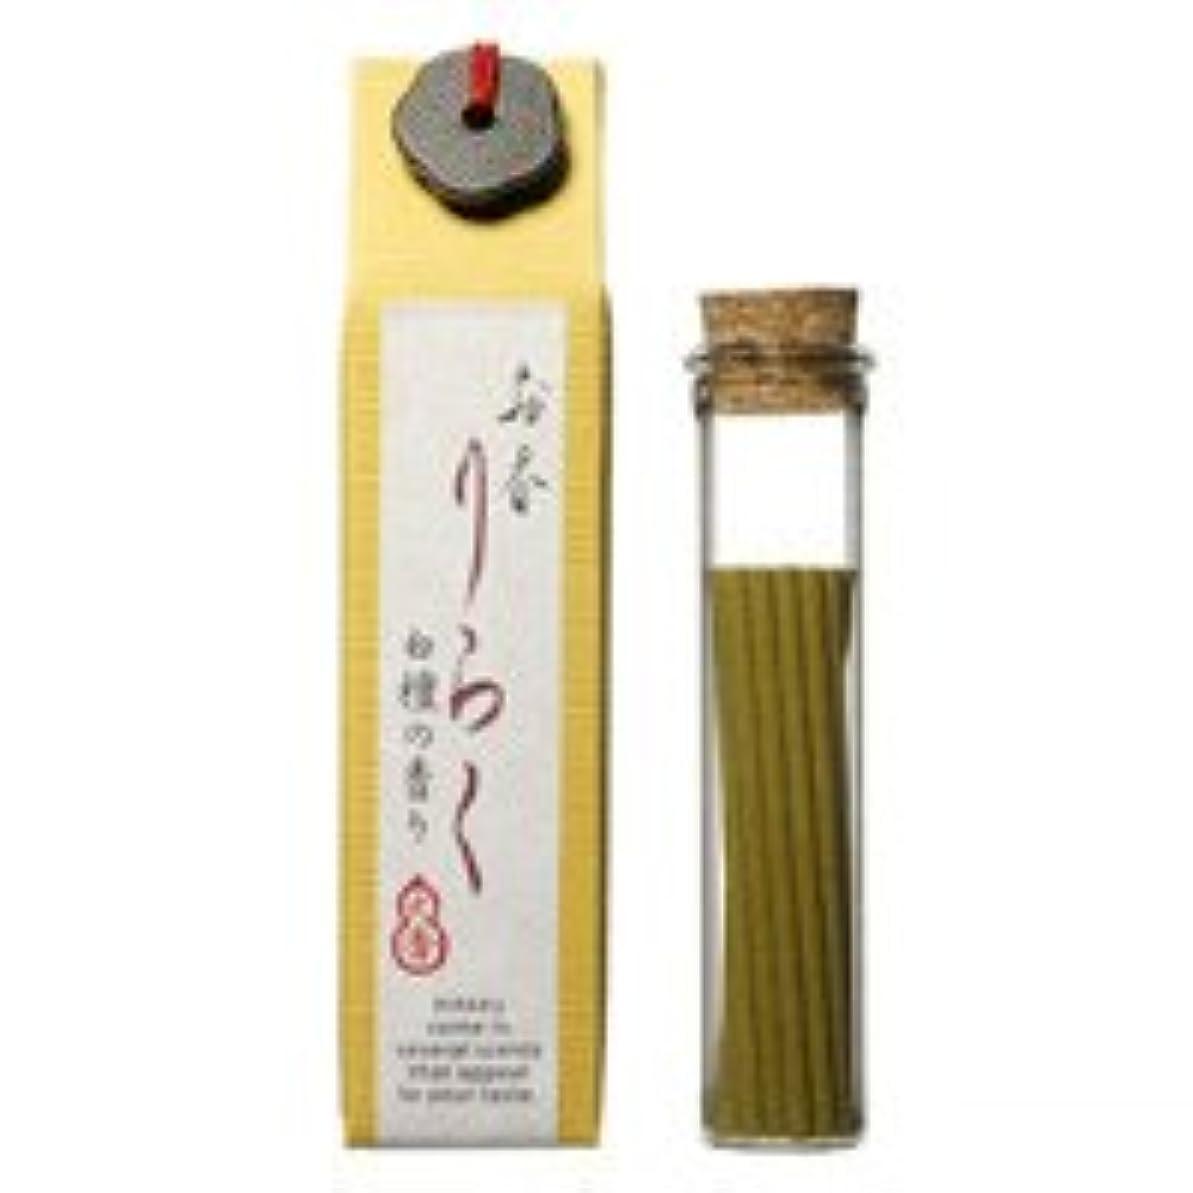 タッチベースとげ【大香】お香 りらく 白檀 15本入